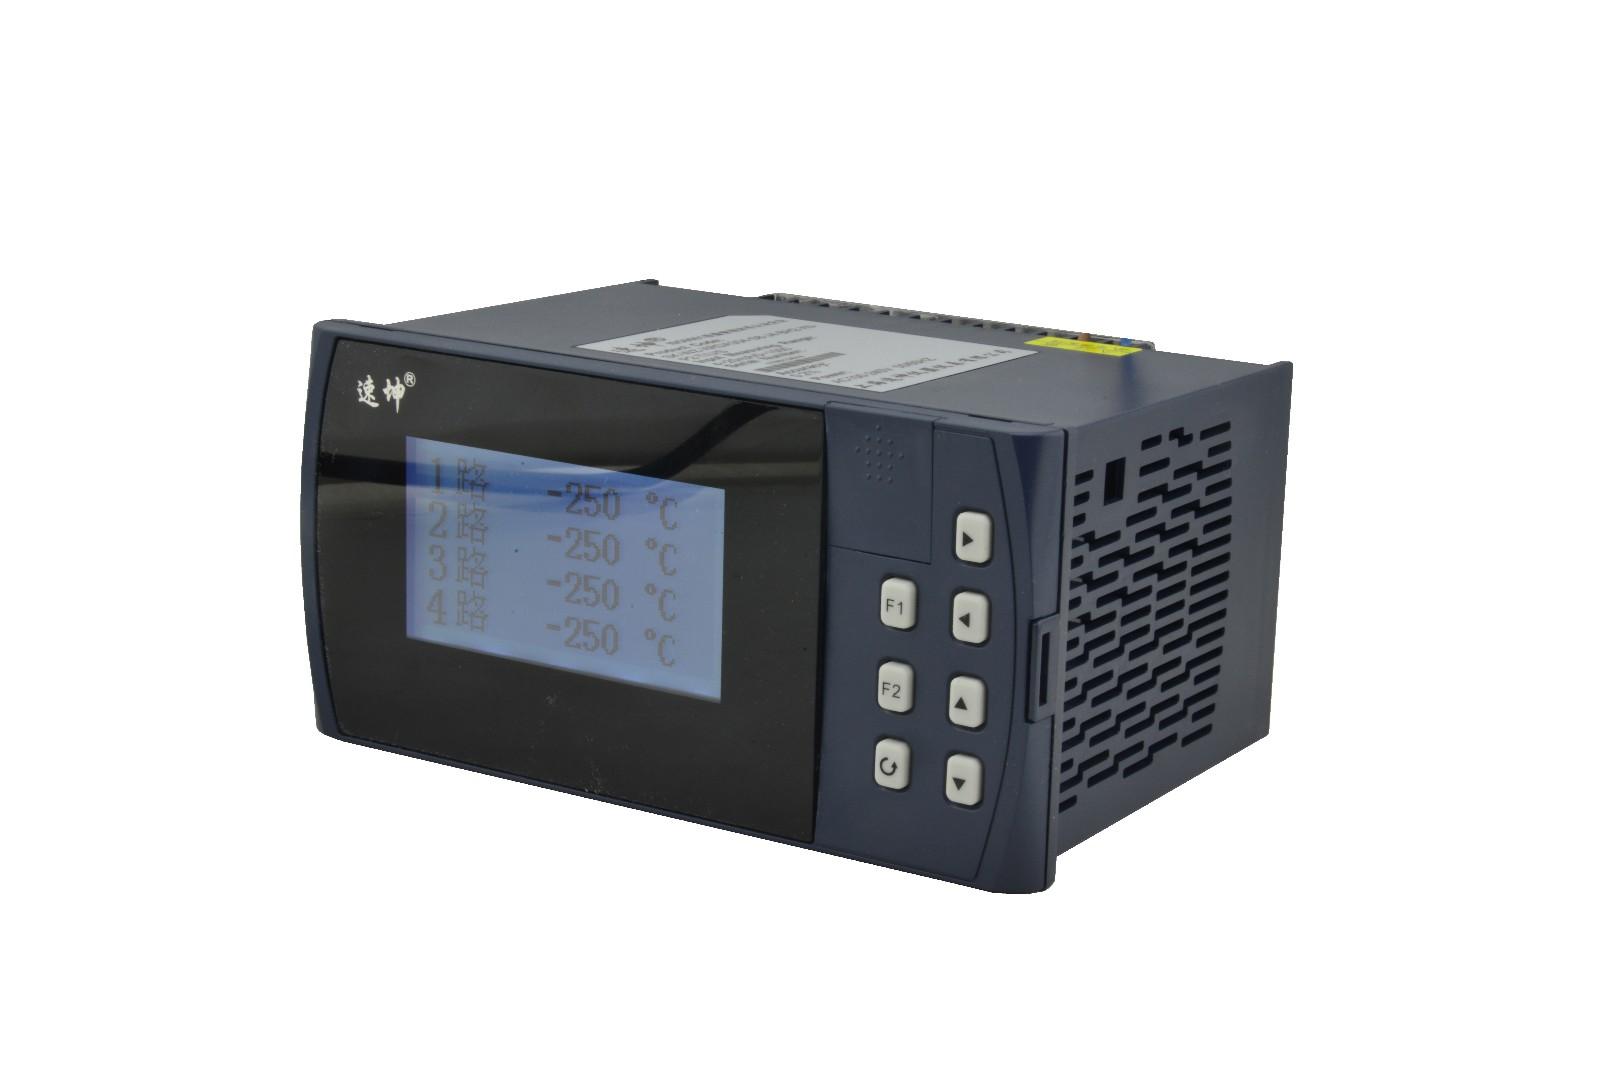 彩屏/蓝屏无纸记录仪价格_仪器信息网